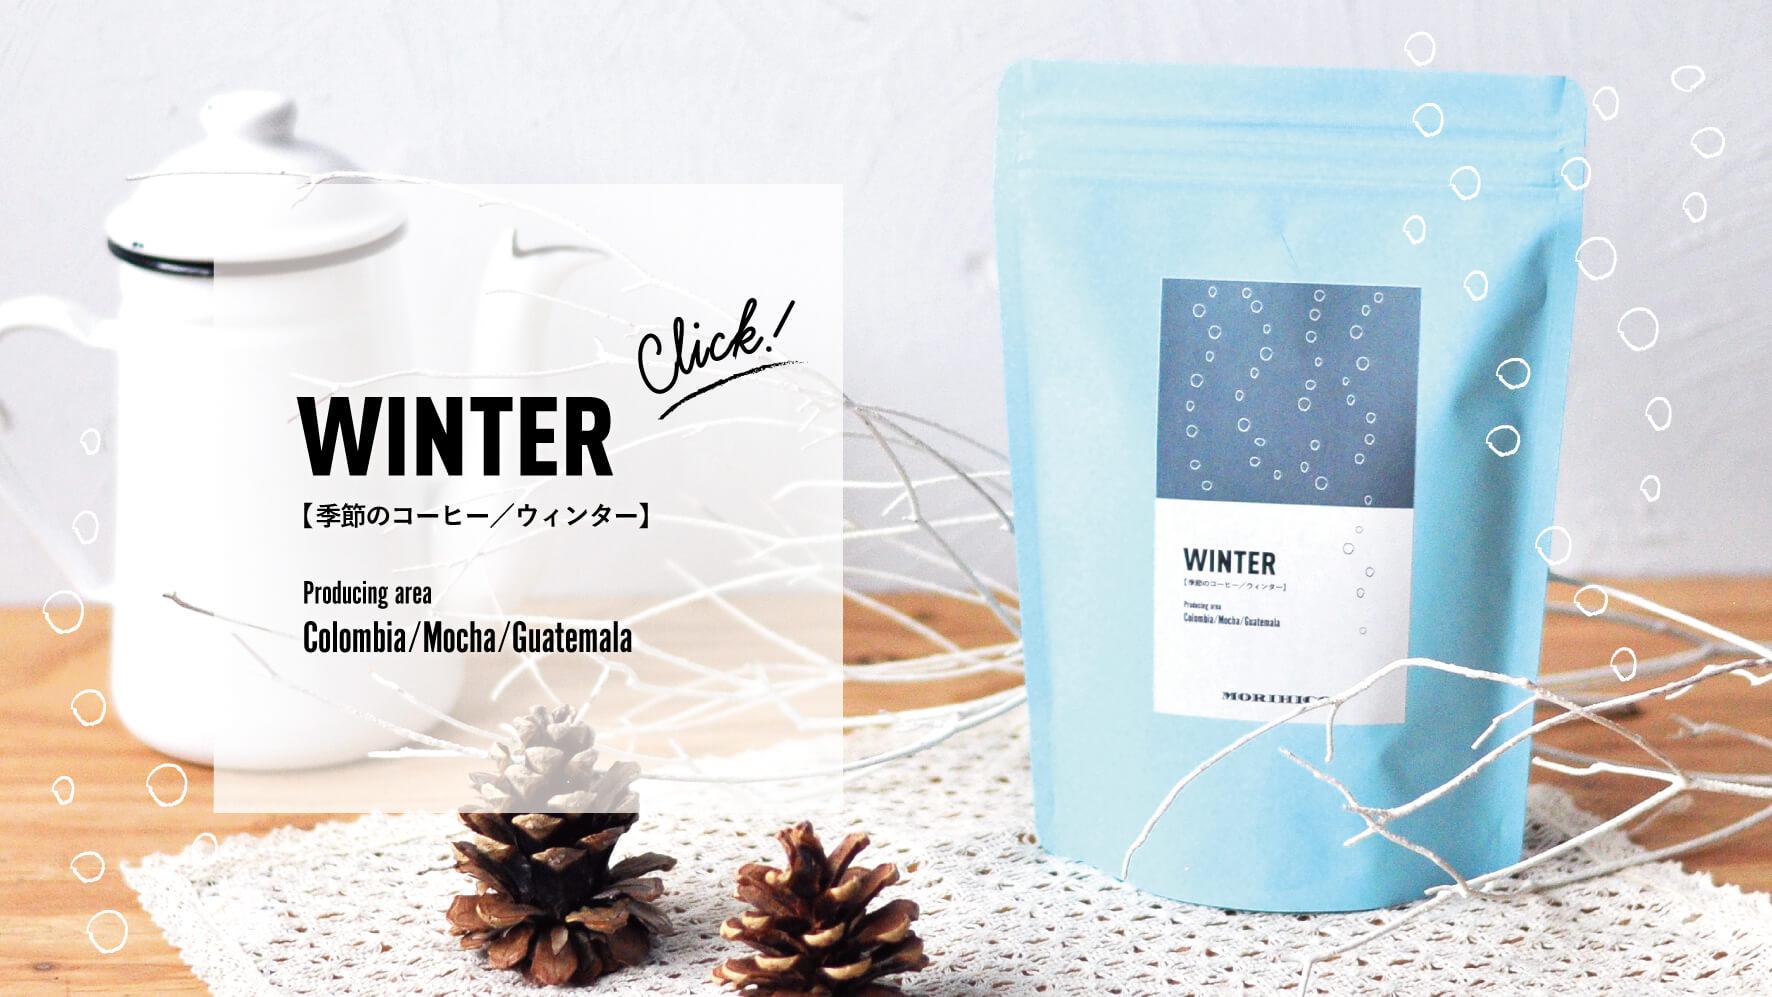 季節のコーヒー【ウインター】